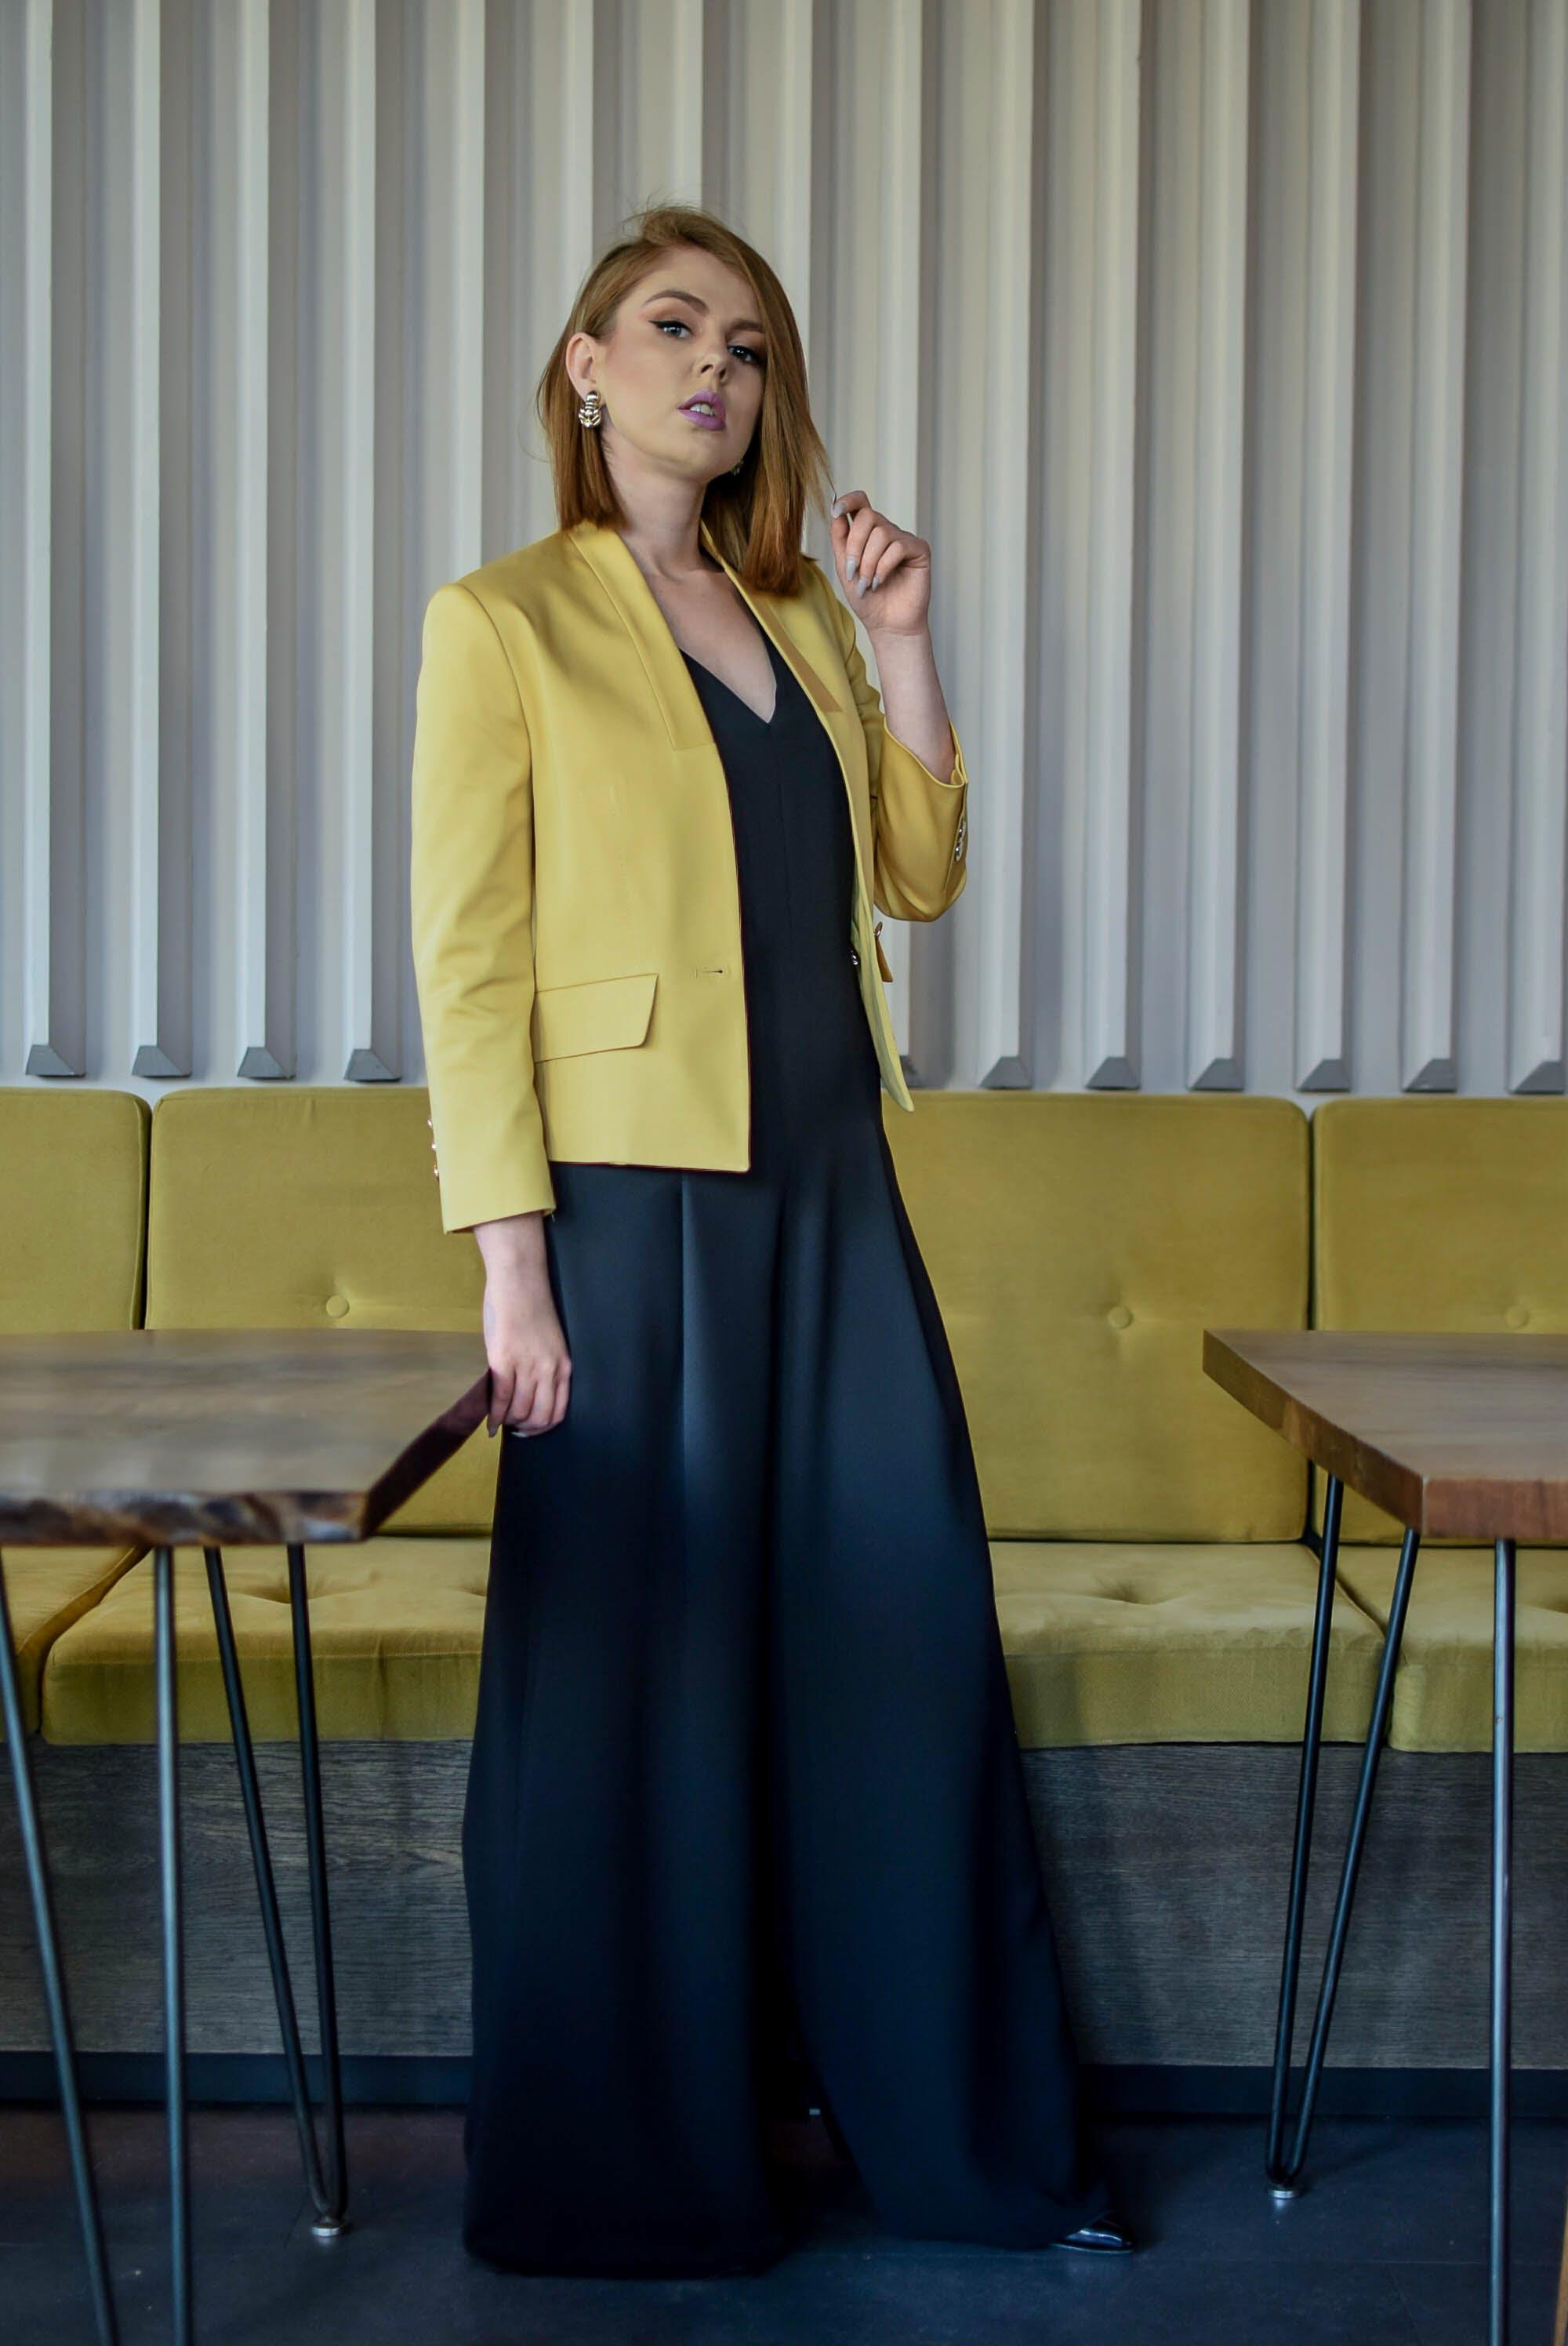 Photo of Woman Wearing Yellow Blazer